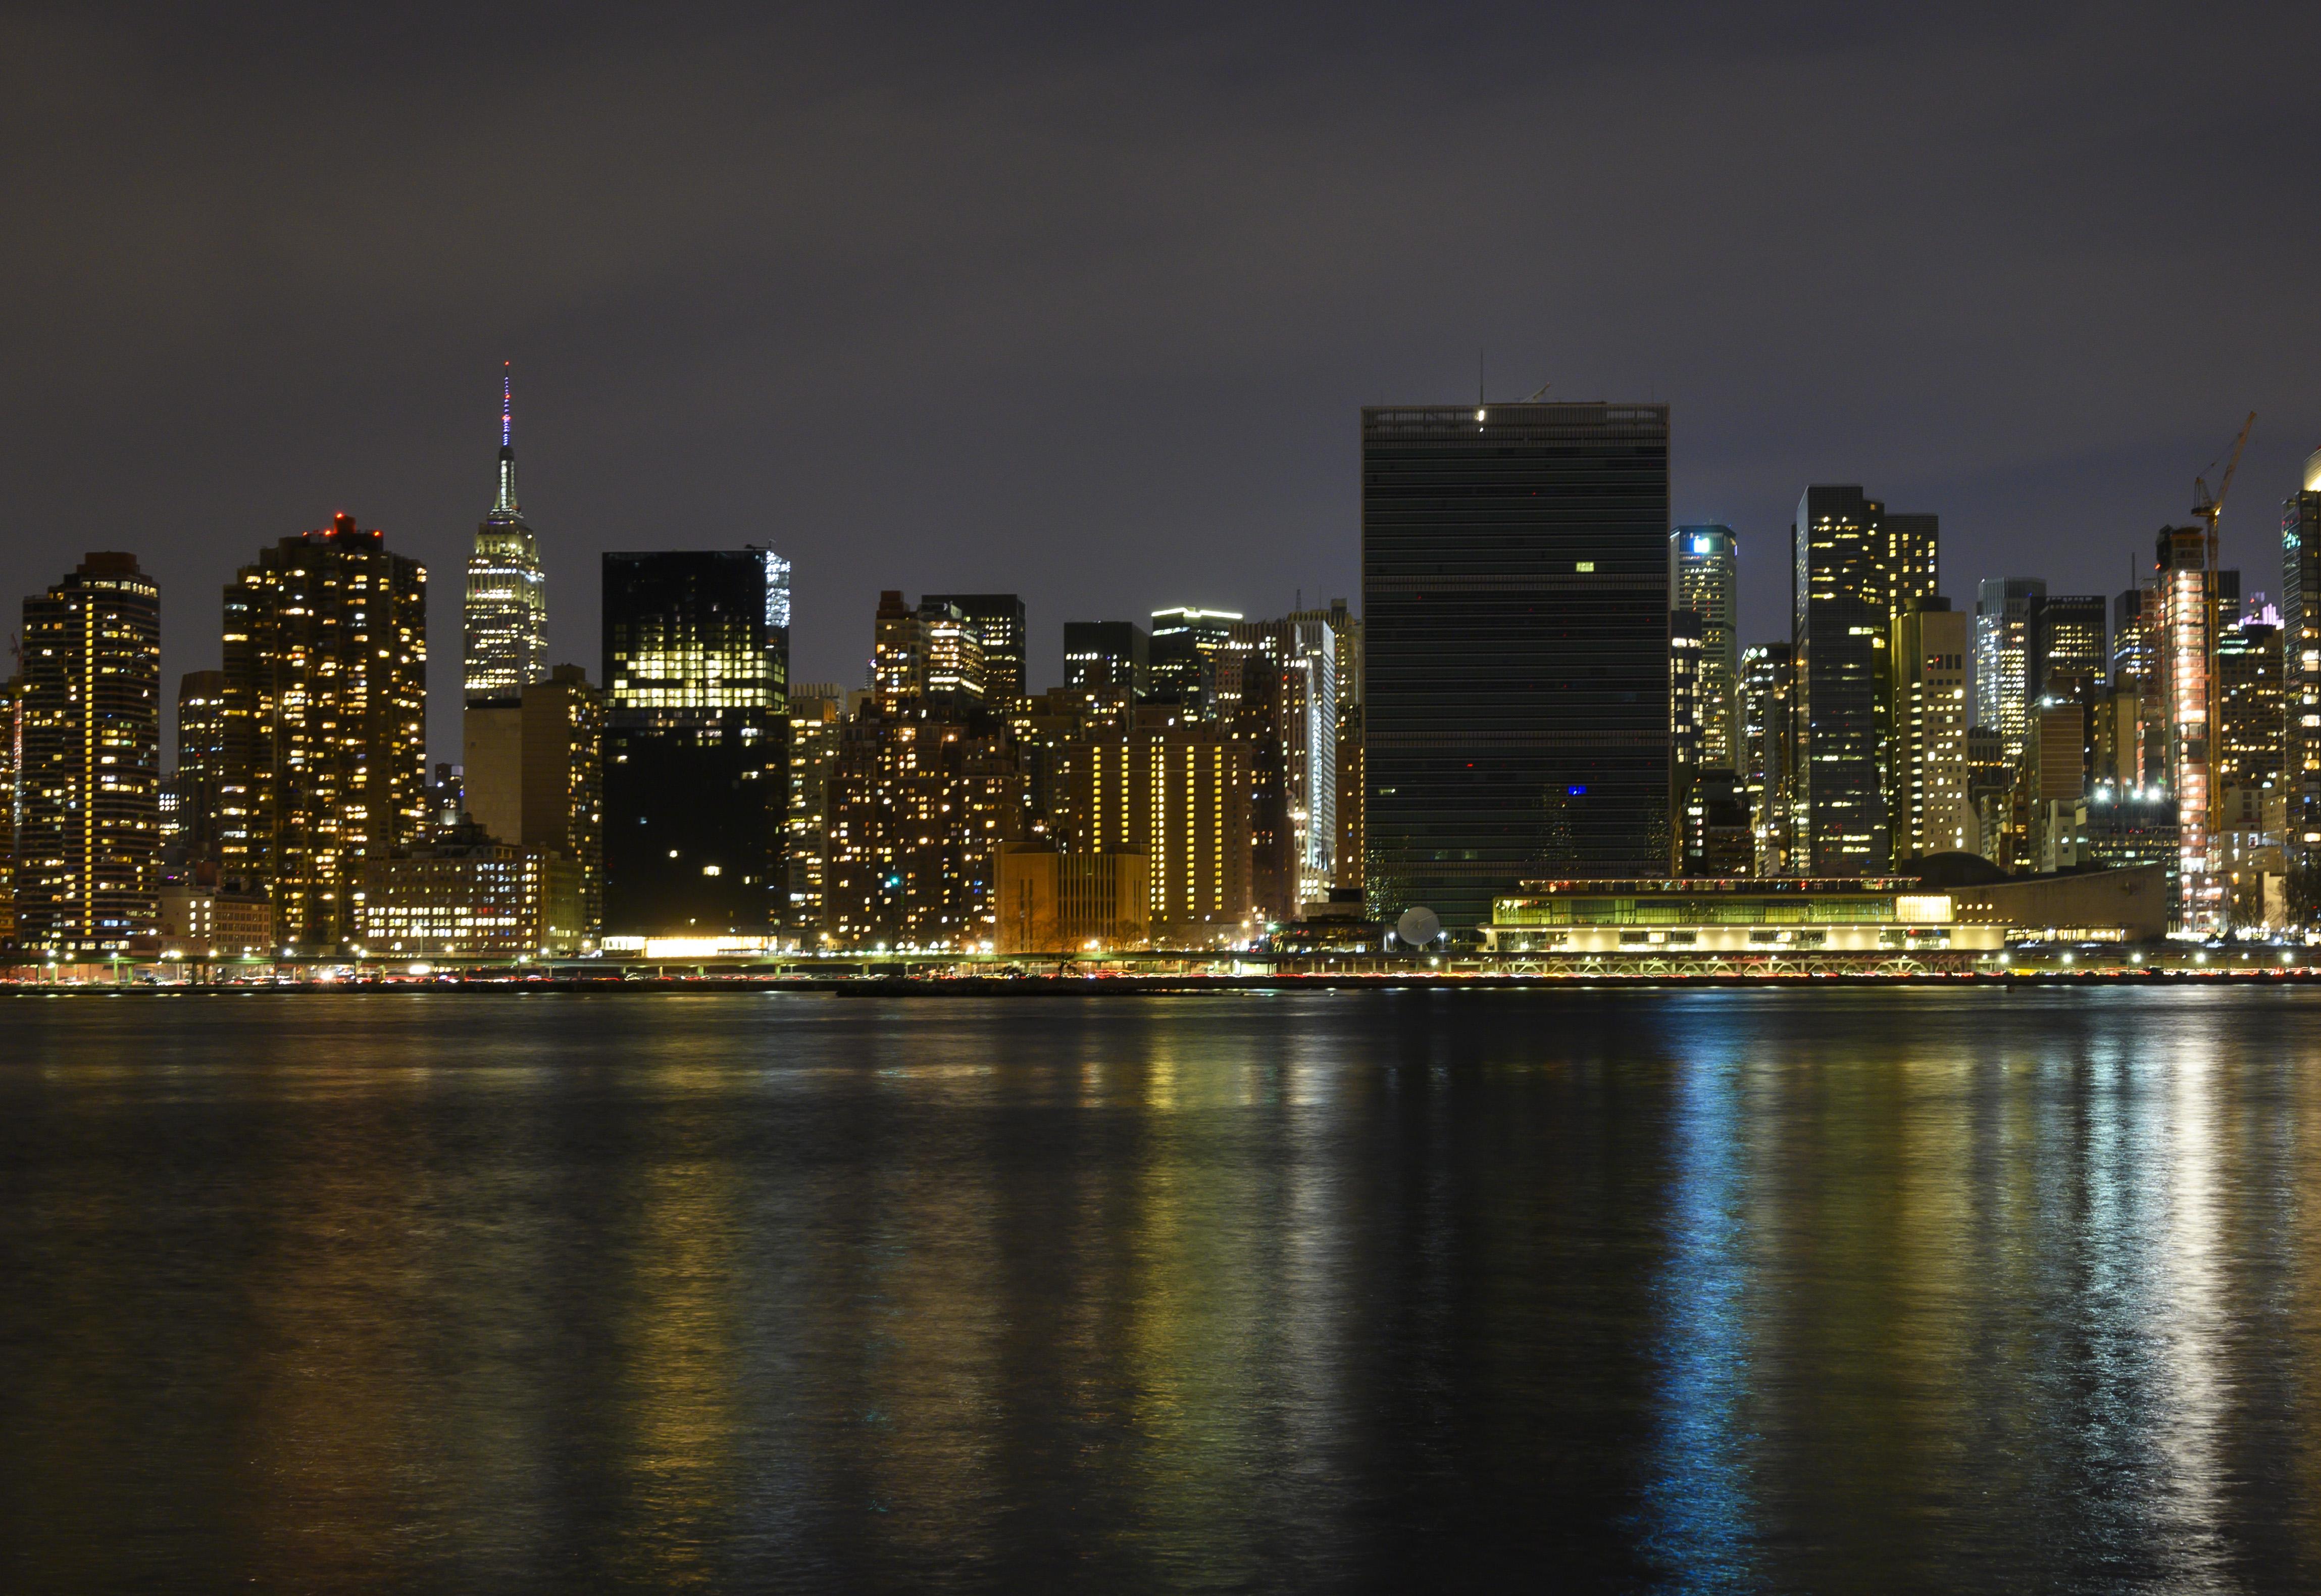 Foto panorámica de Manhattan, con el edificio de las Naciones Unidas y el Empire State sin iluminación